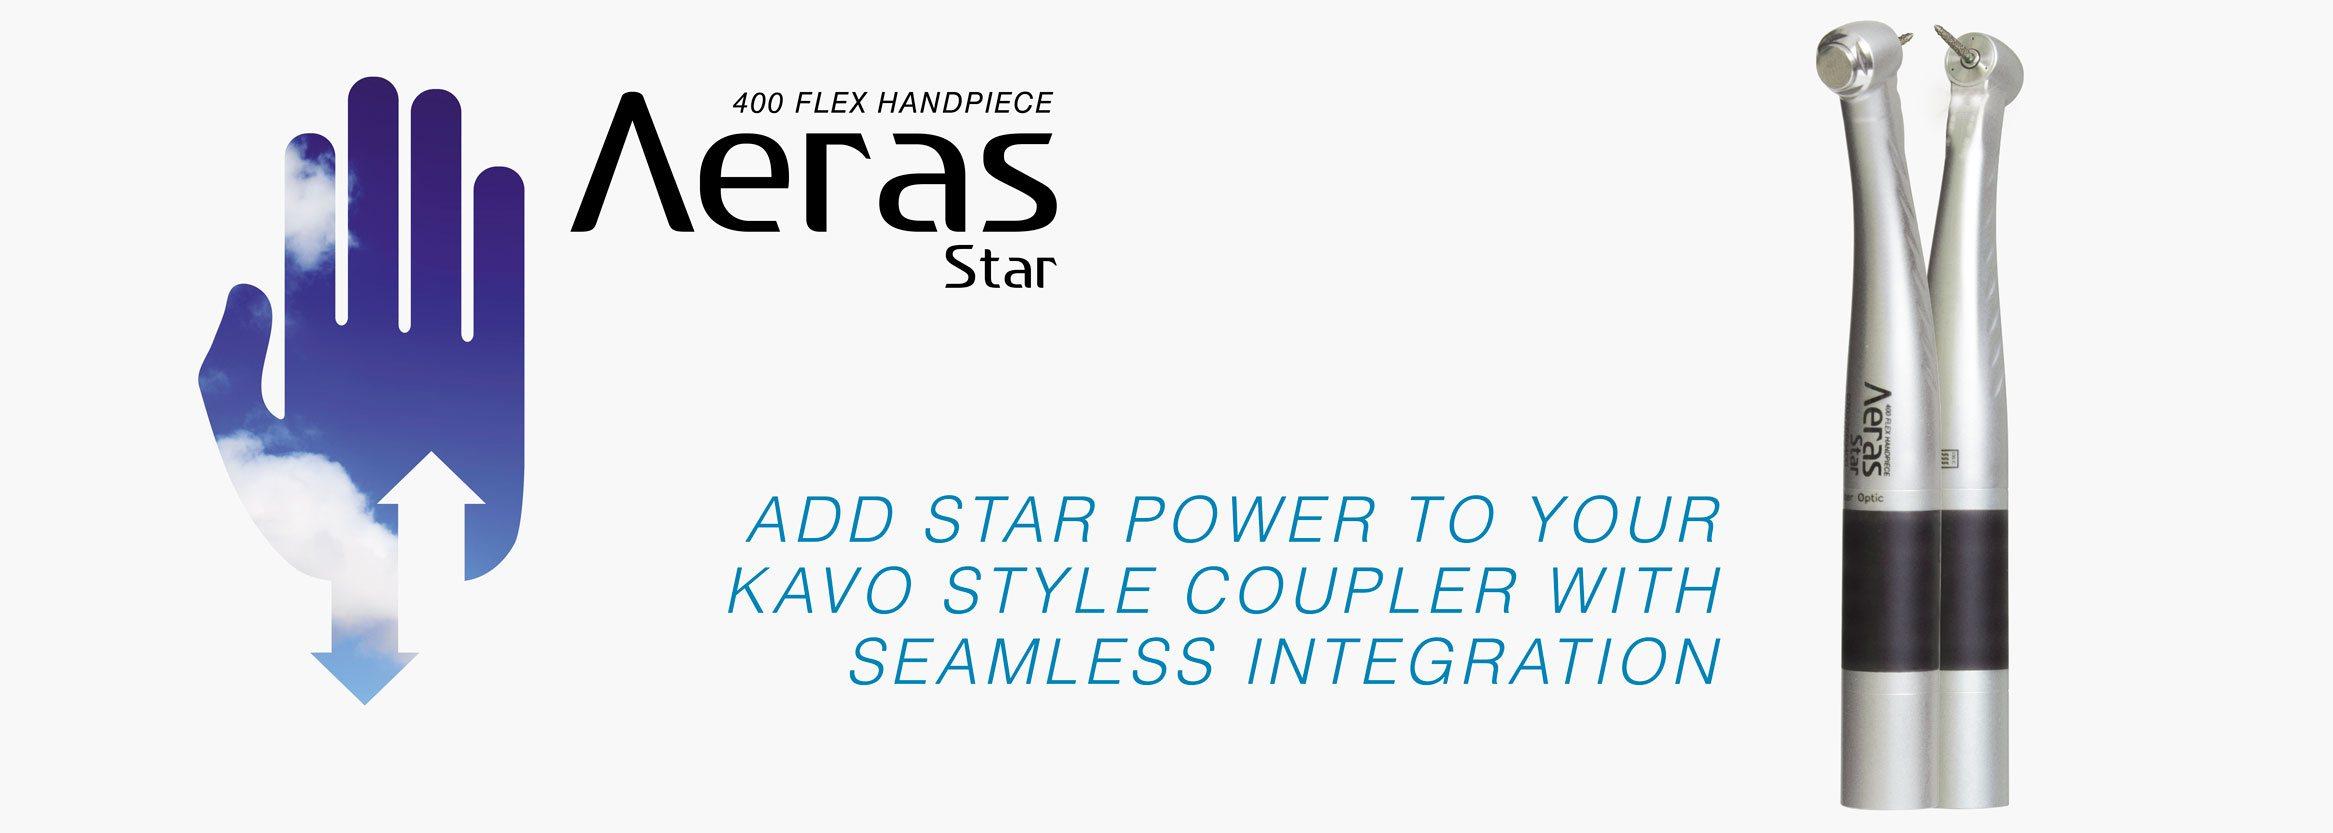 Aeras 400 Flex Handpiece from DENTALEZ